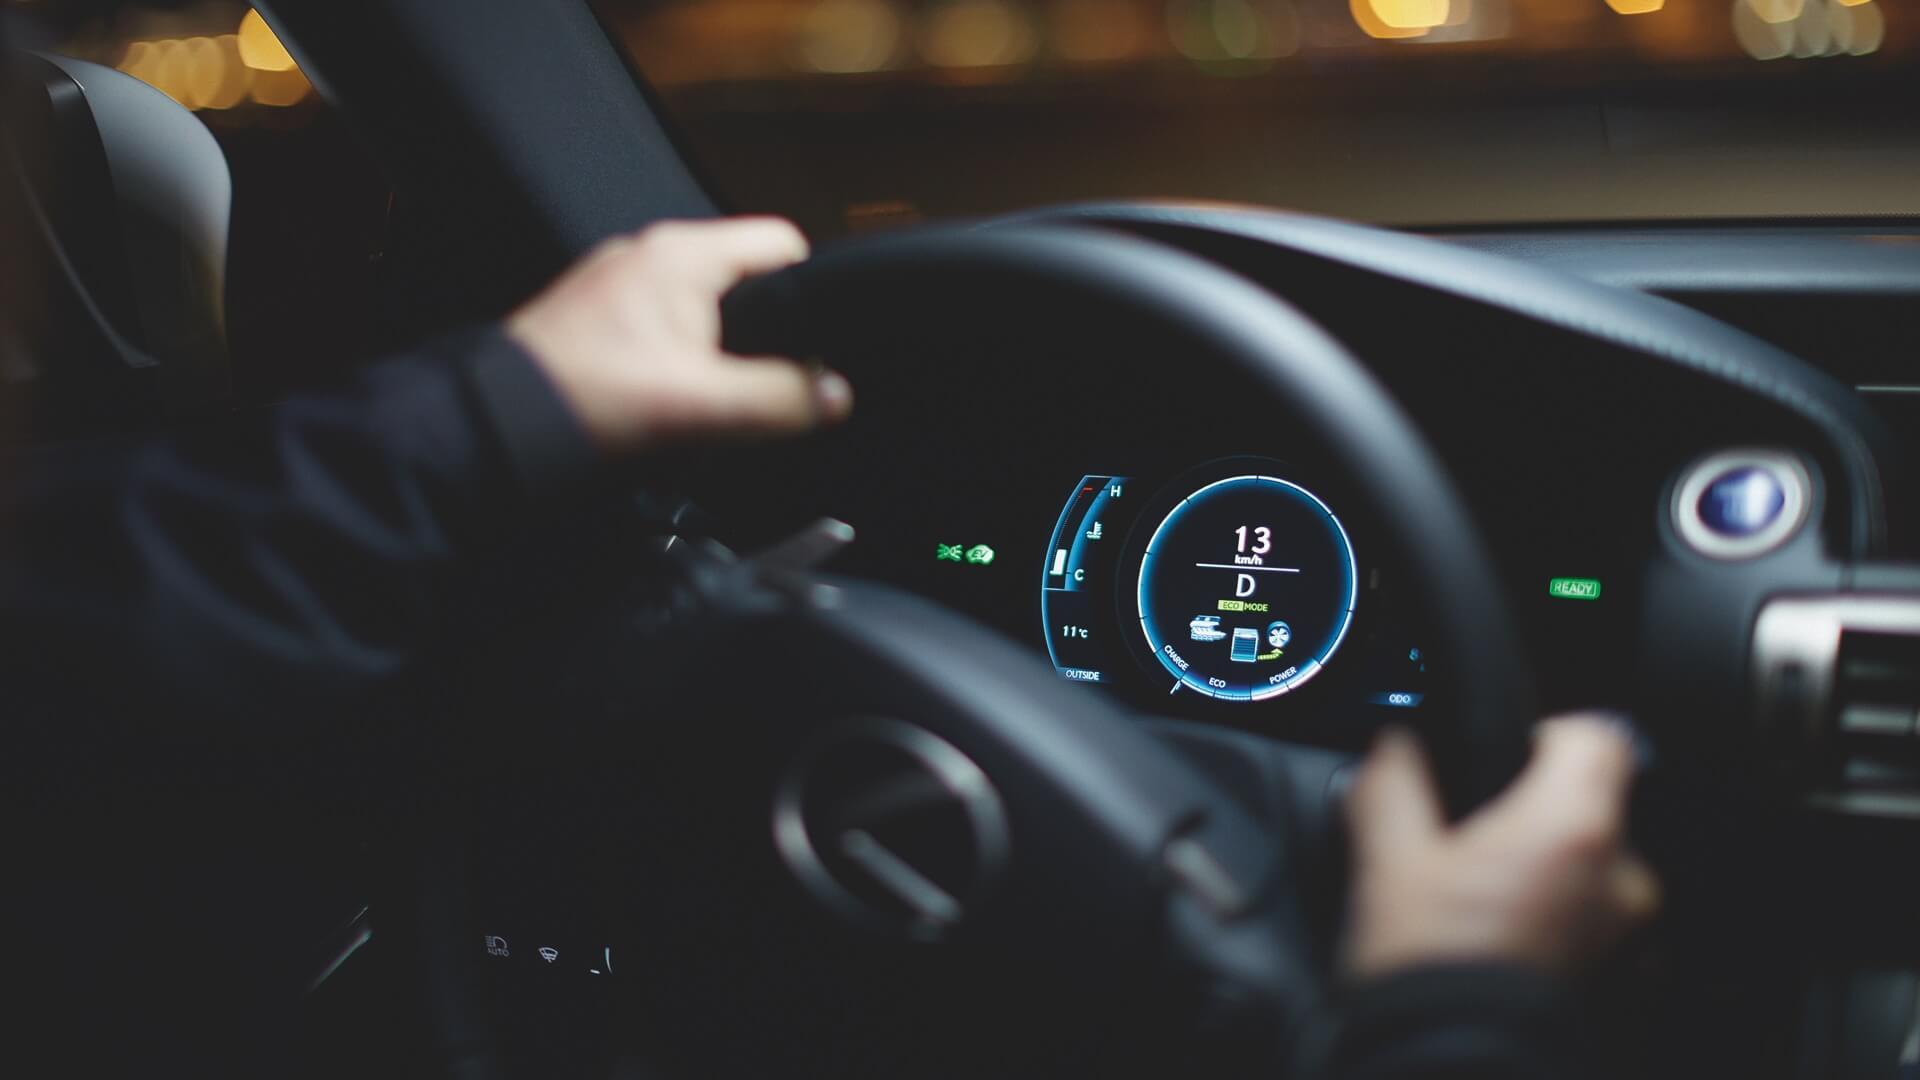 Viser litt av teknologien i en Lexus modell Selvladende hybrid med valg mellom power charge og eco